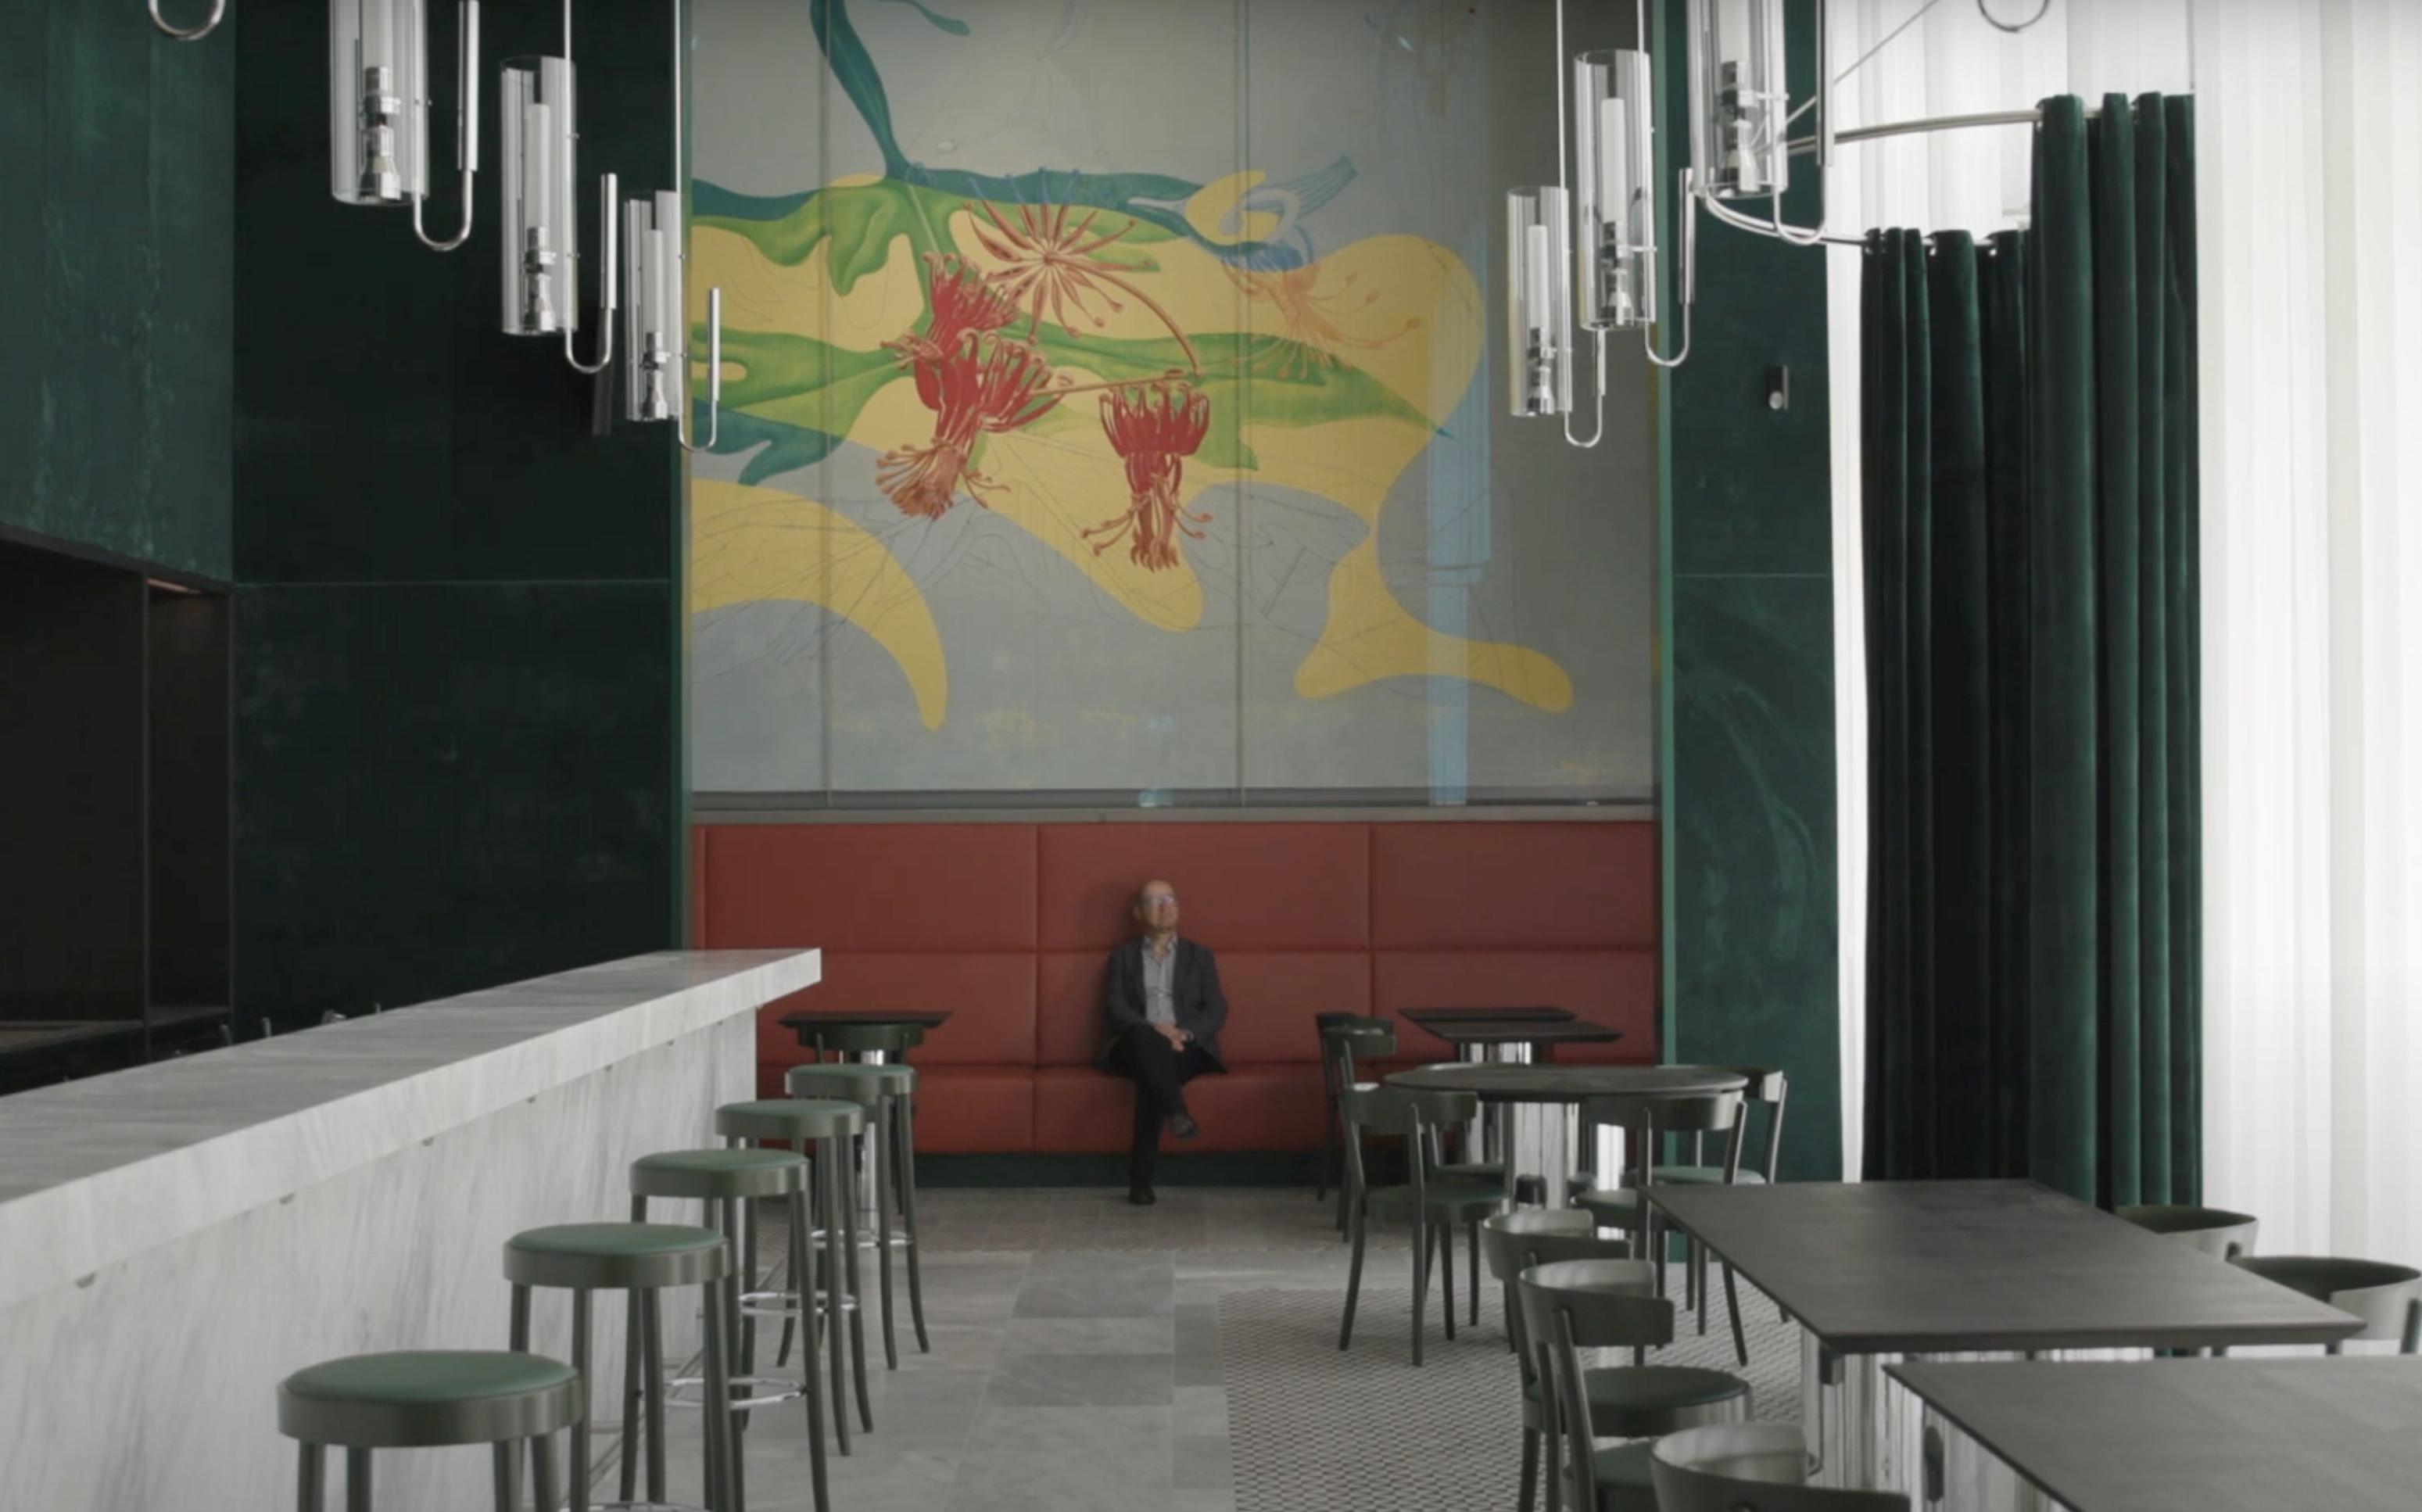 Alles ist ein Nichts ohne Licht: Rundgang durch die Kunsthaus-Erweiterung